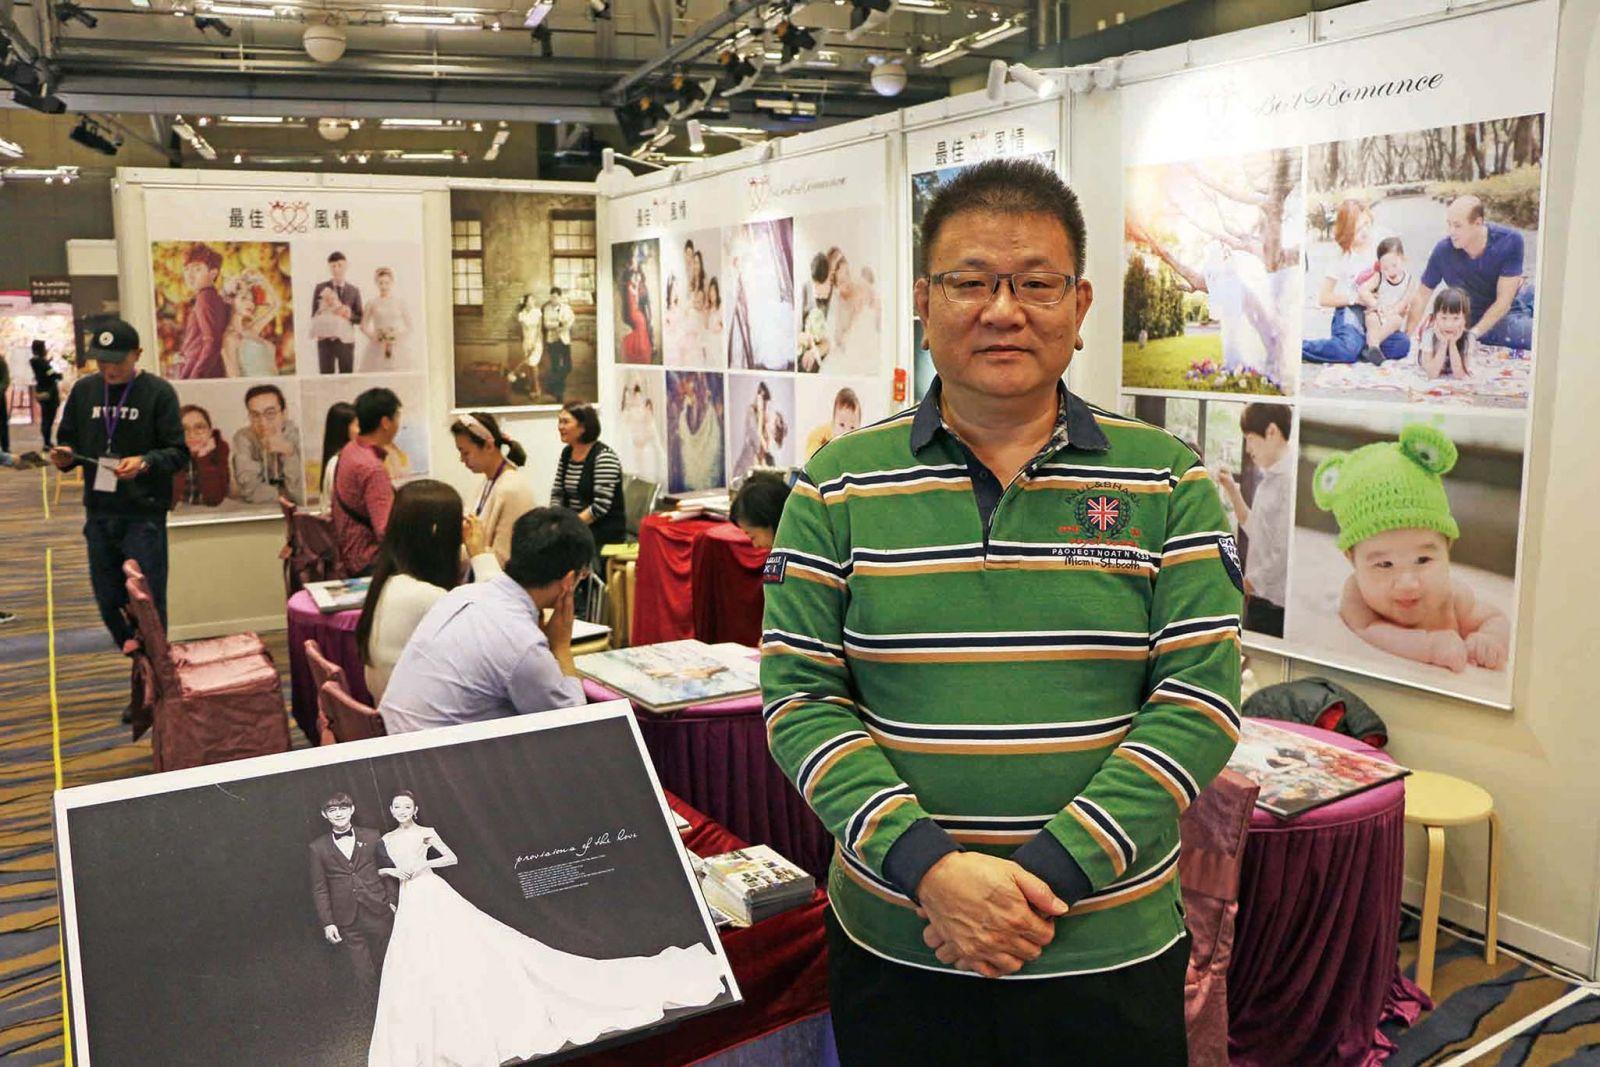 亞太婚慶博覽會三日吸引近萬人次入場